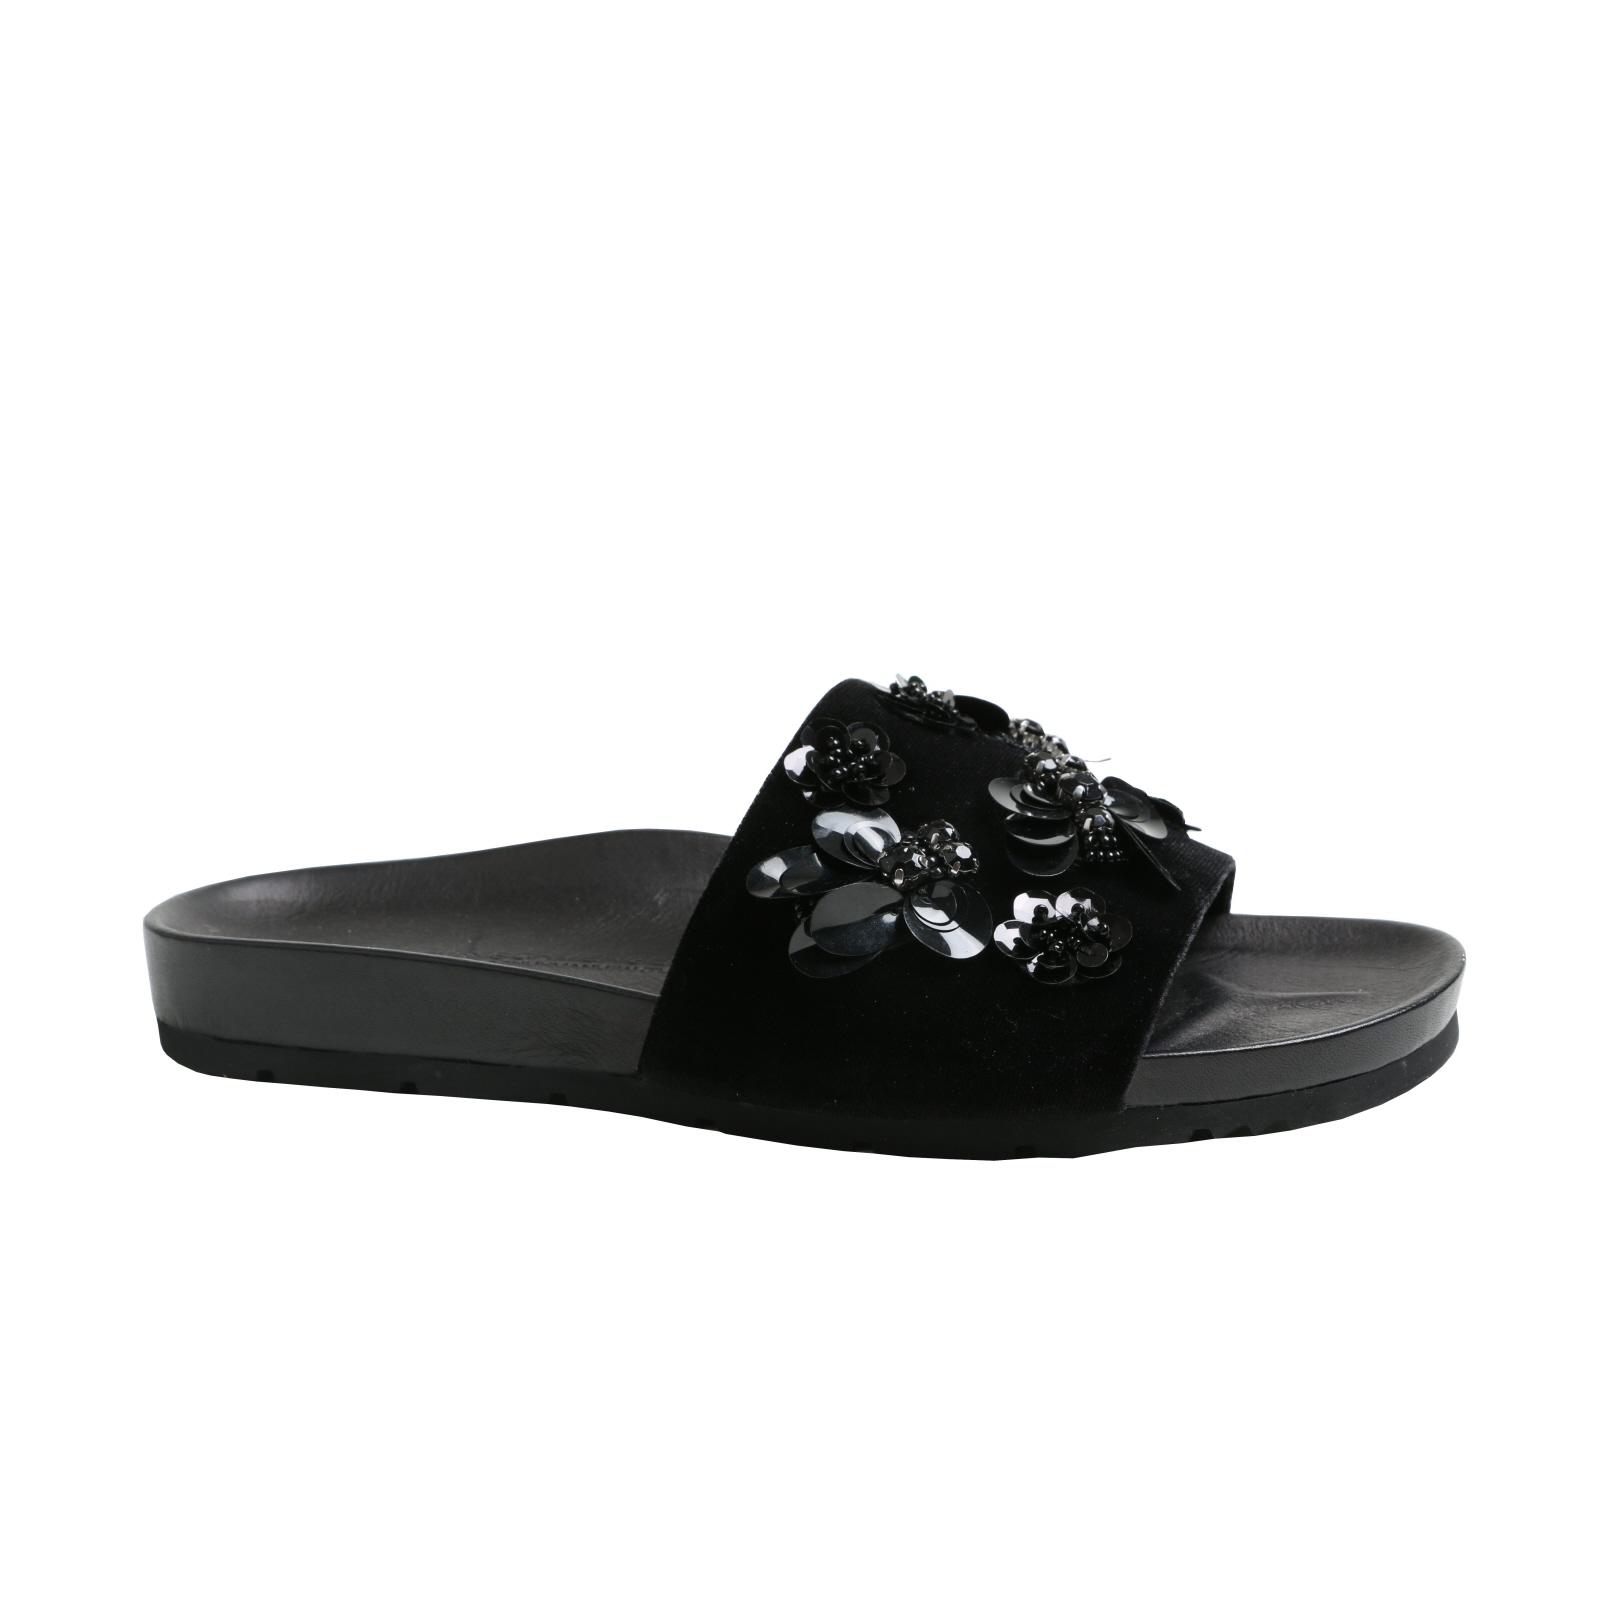 kvinnor Sandal &s &s &s modeable svart sammet ny storlek 37,5  spel